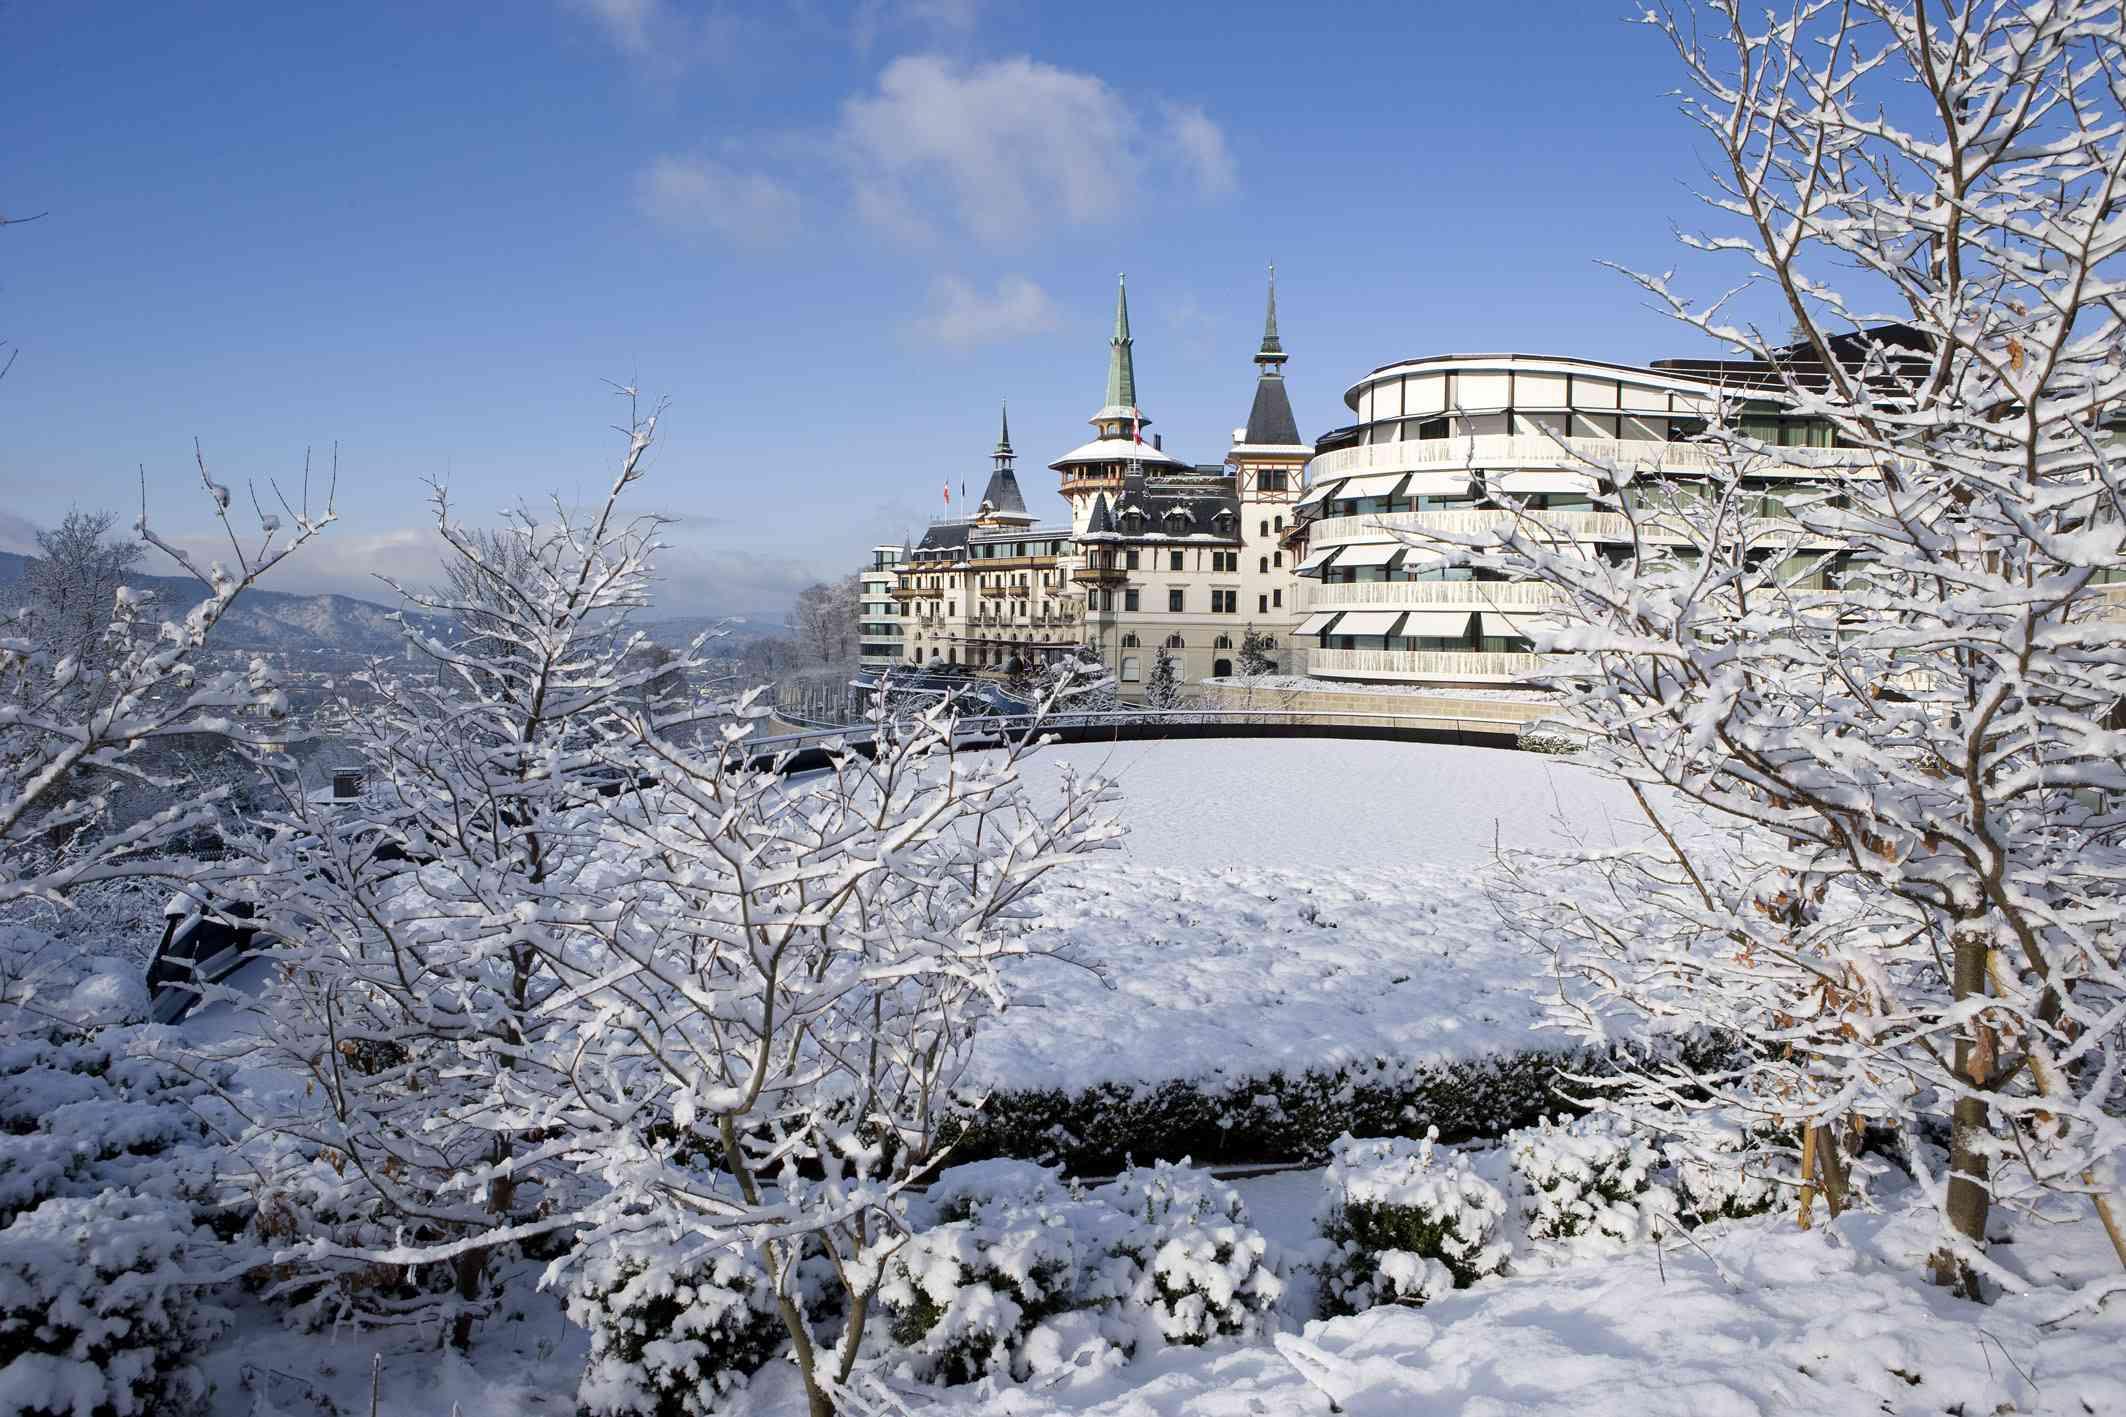 Snowy castle in Switzerland